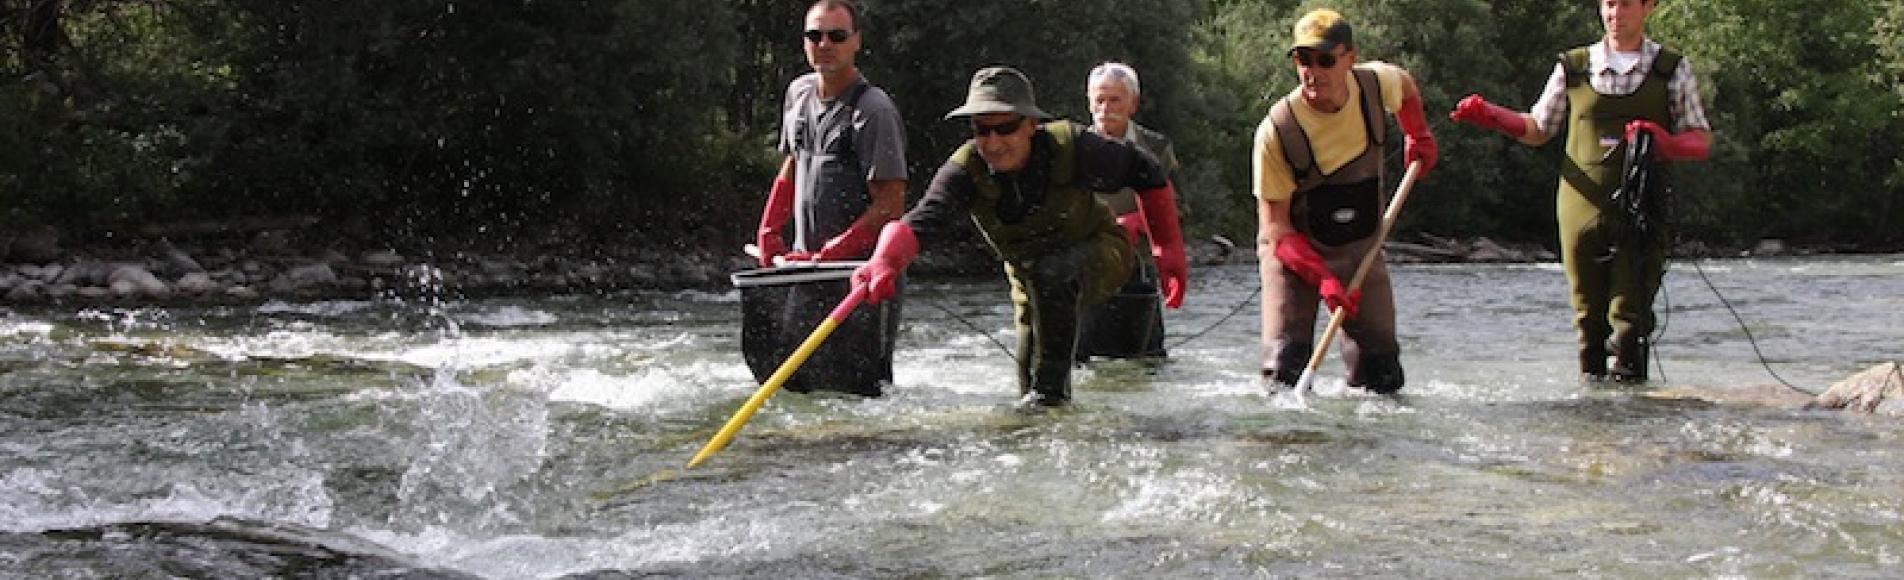 pêche électrique - © fédération de pêche 05